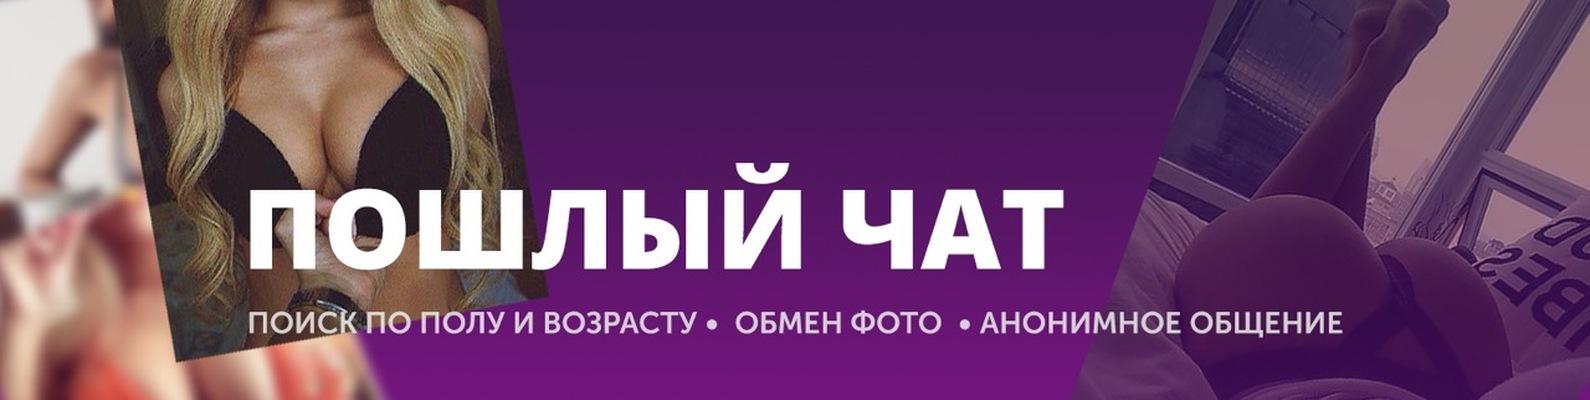 Порно Пати Вконтакте